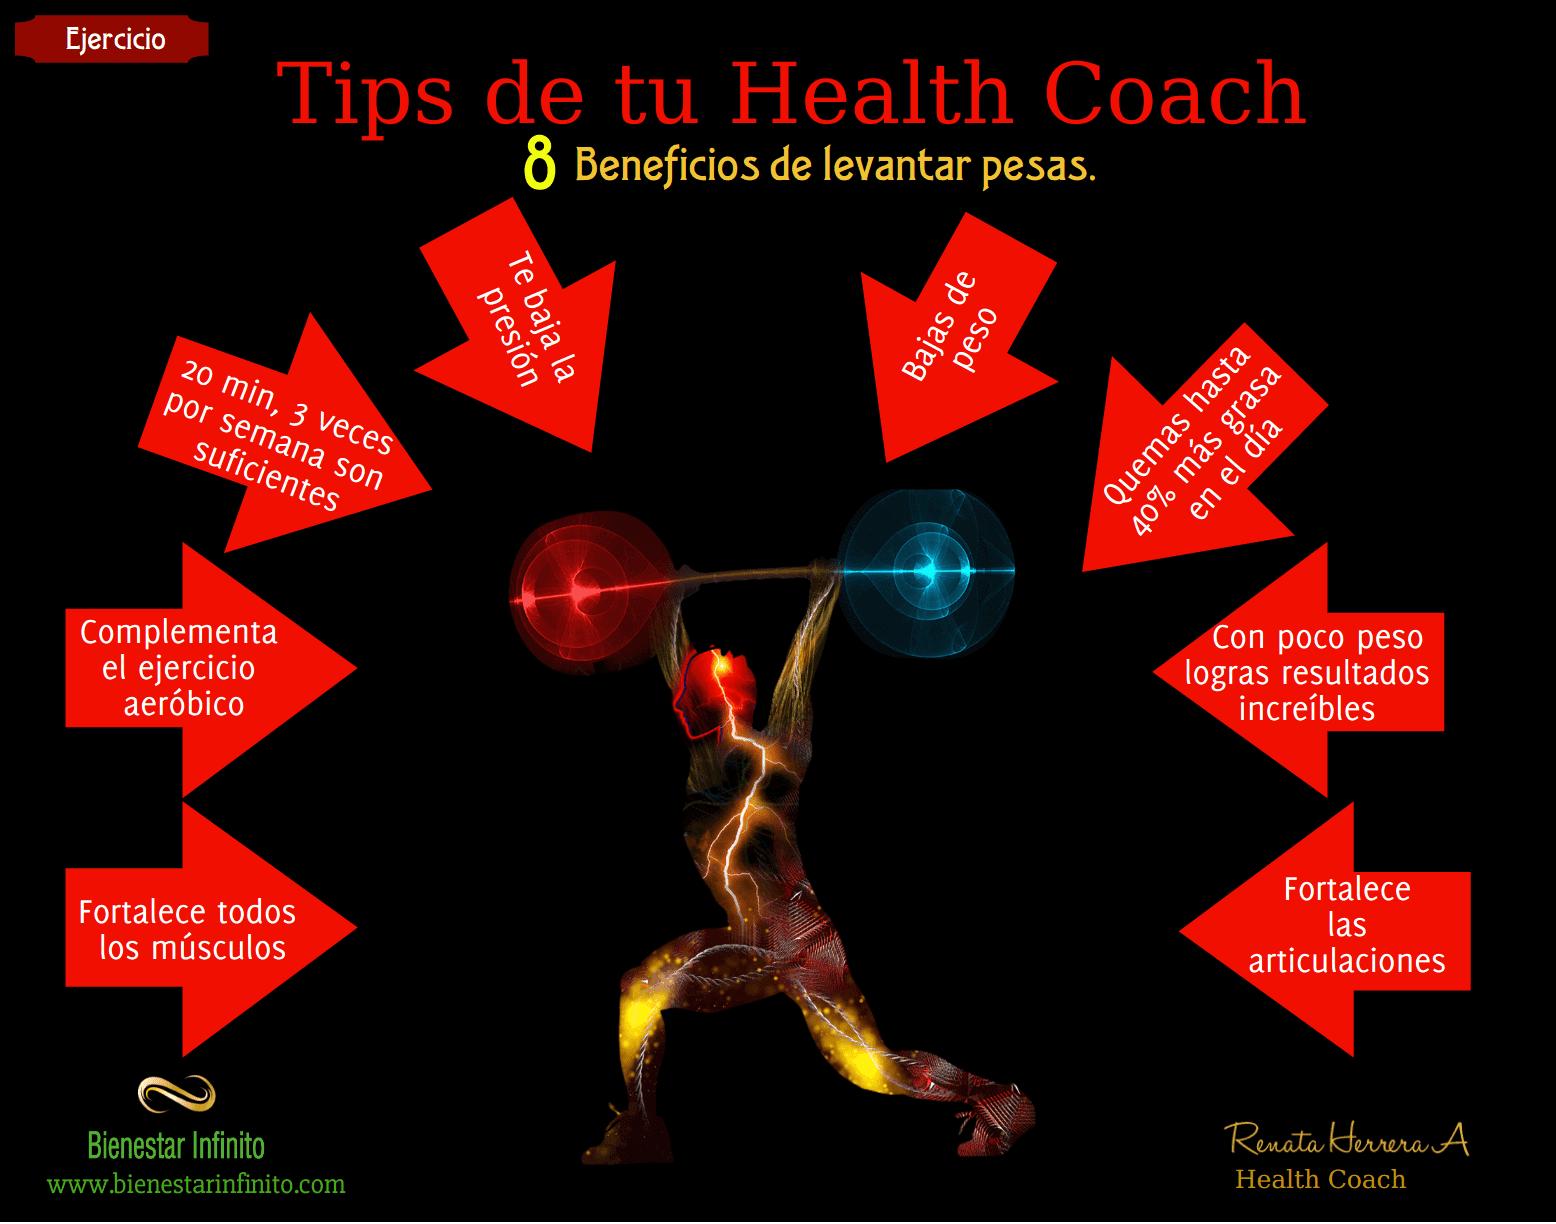 Beneficios de levantar pesas